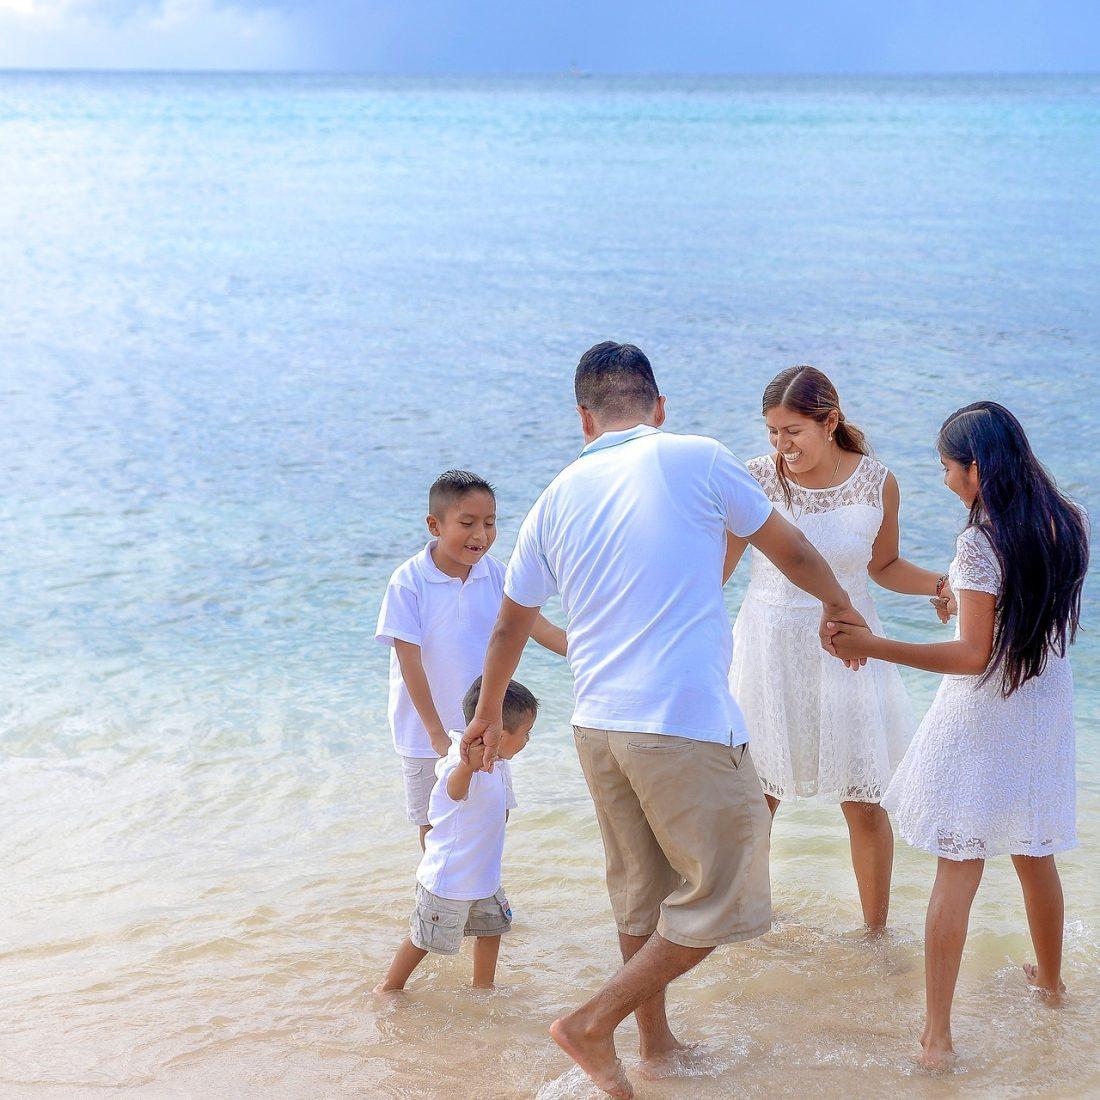 La familia anfitrion está jugando en el agua